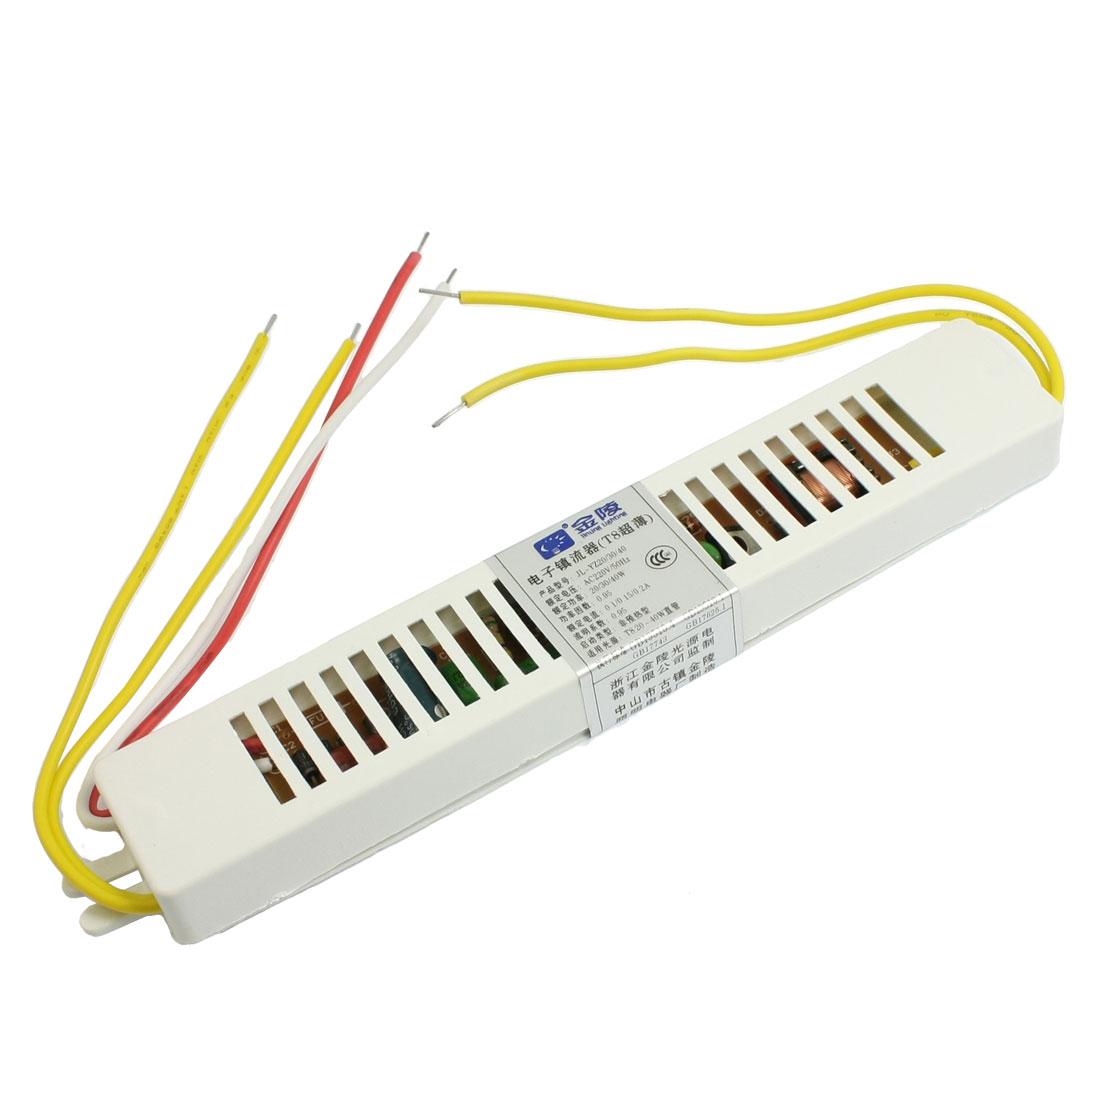 AC 220V 40W Energy Saving T8 Fluorescent Light Lamp Ballast